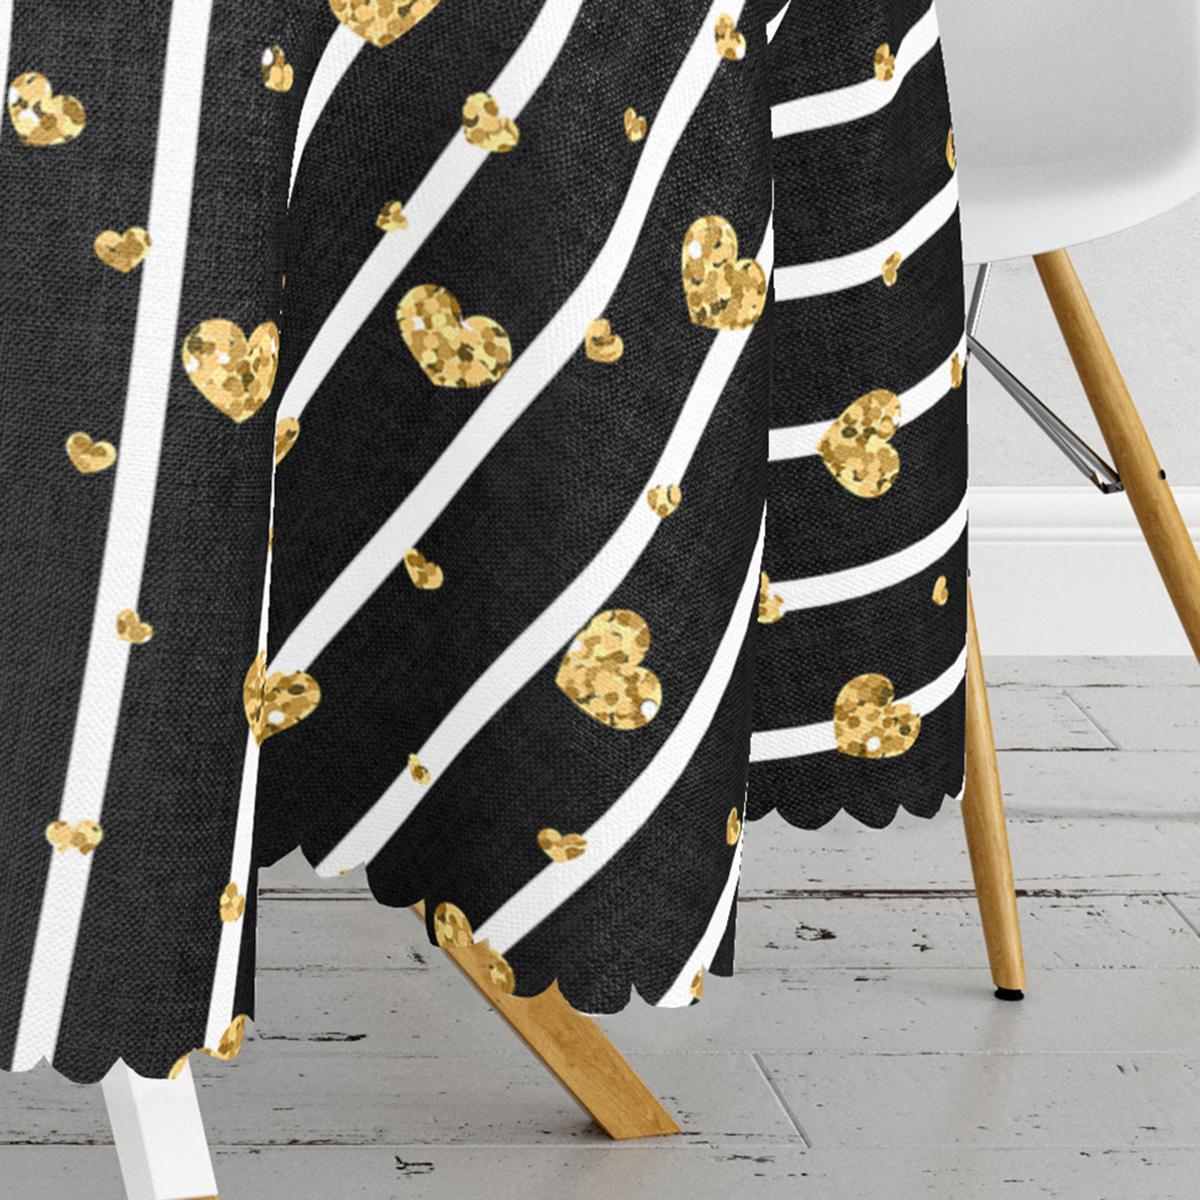 Siyah Zemin Beyaz Çizgi Tasarımlı Hardal Kalp MotifliYuvarlak Masa Örtüsü - Çap 140cm Realhomes